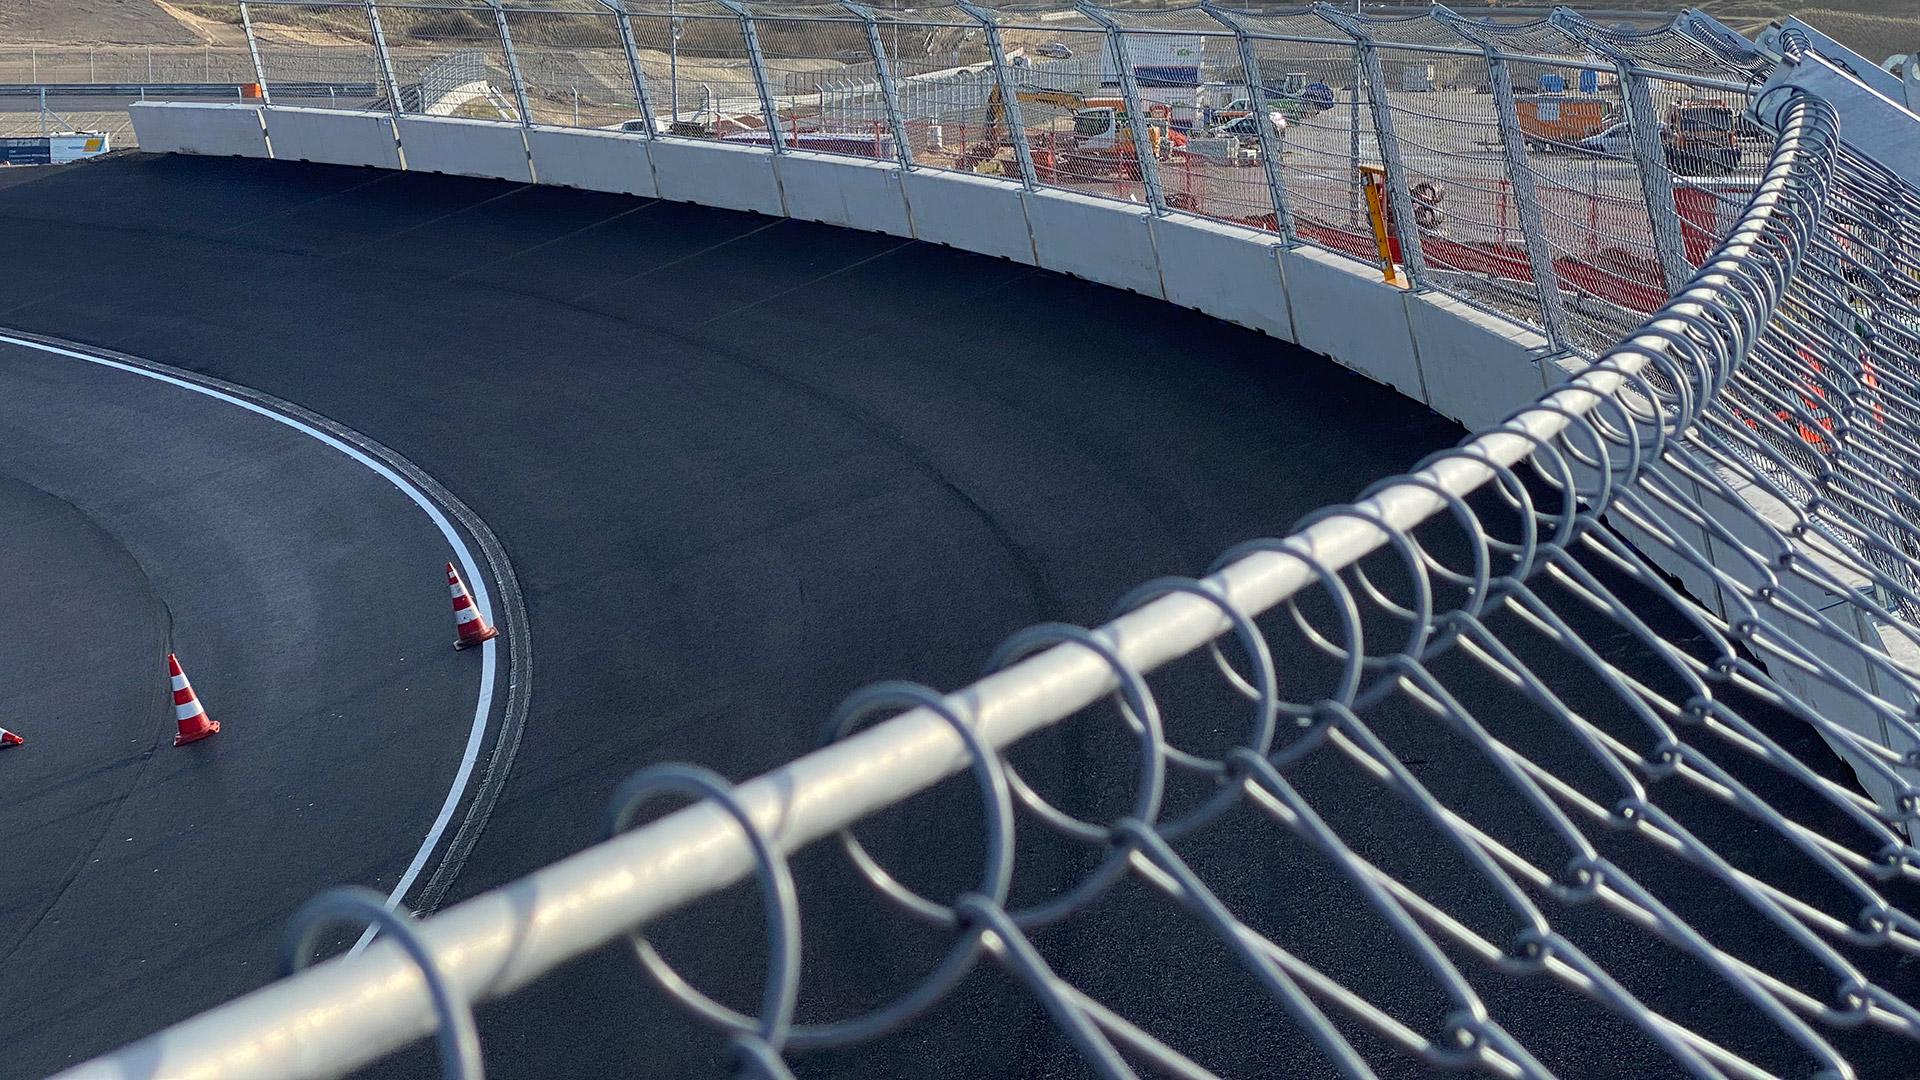 F1オランダGP ザントフォールト バンクコーナー 画像(3)